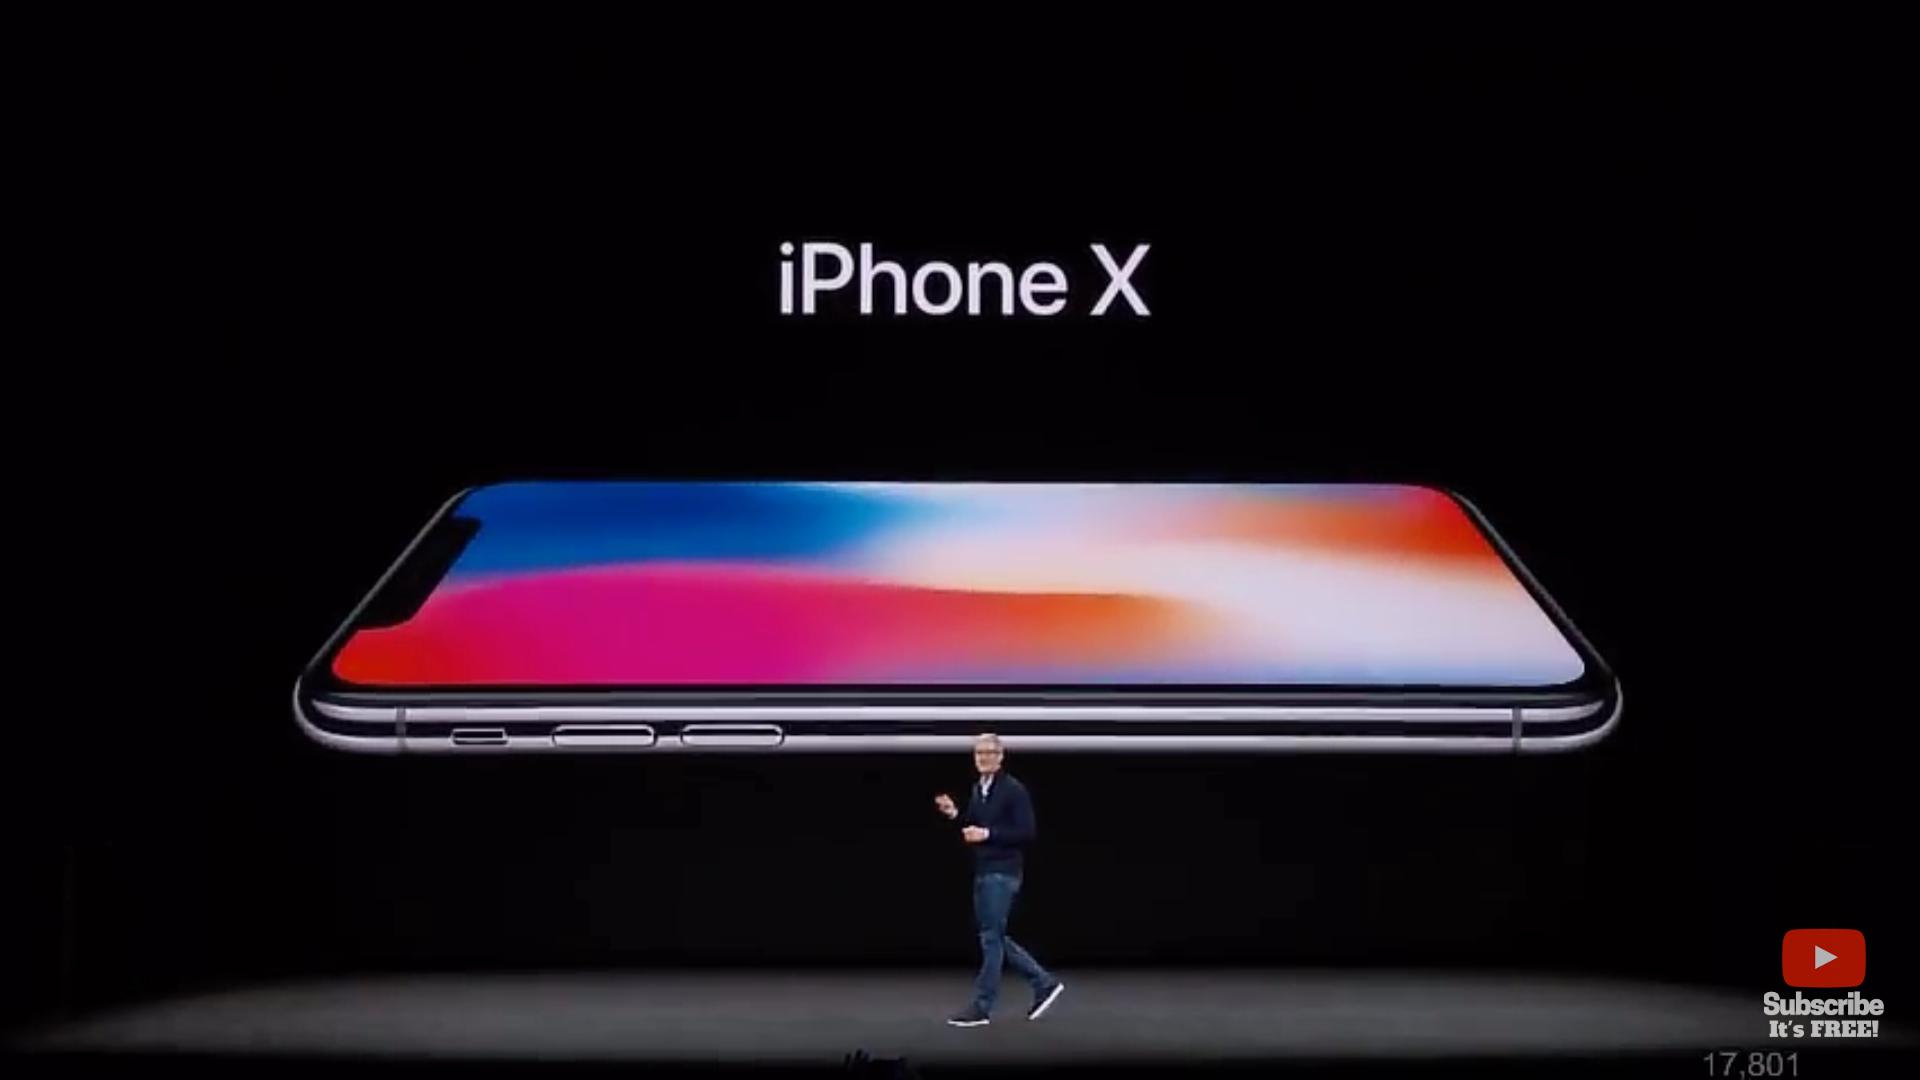 สรุปแนวโน้มดิจิทัลล่าสุด จากงานเปิดตัว iPhone 8 และ iPhone X